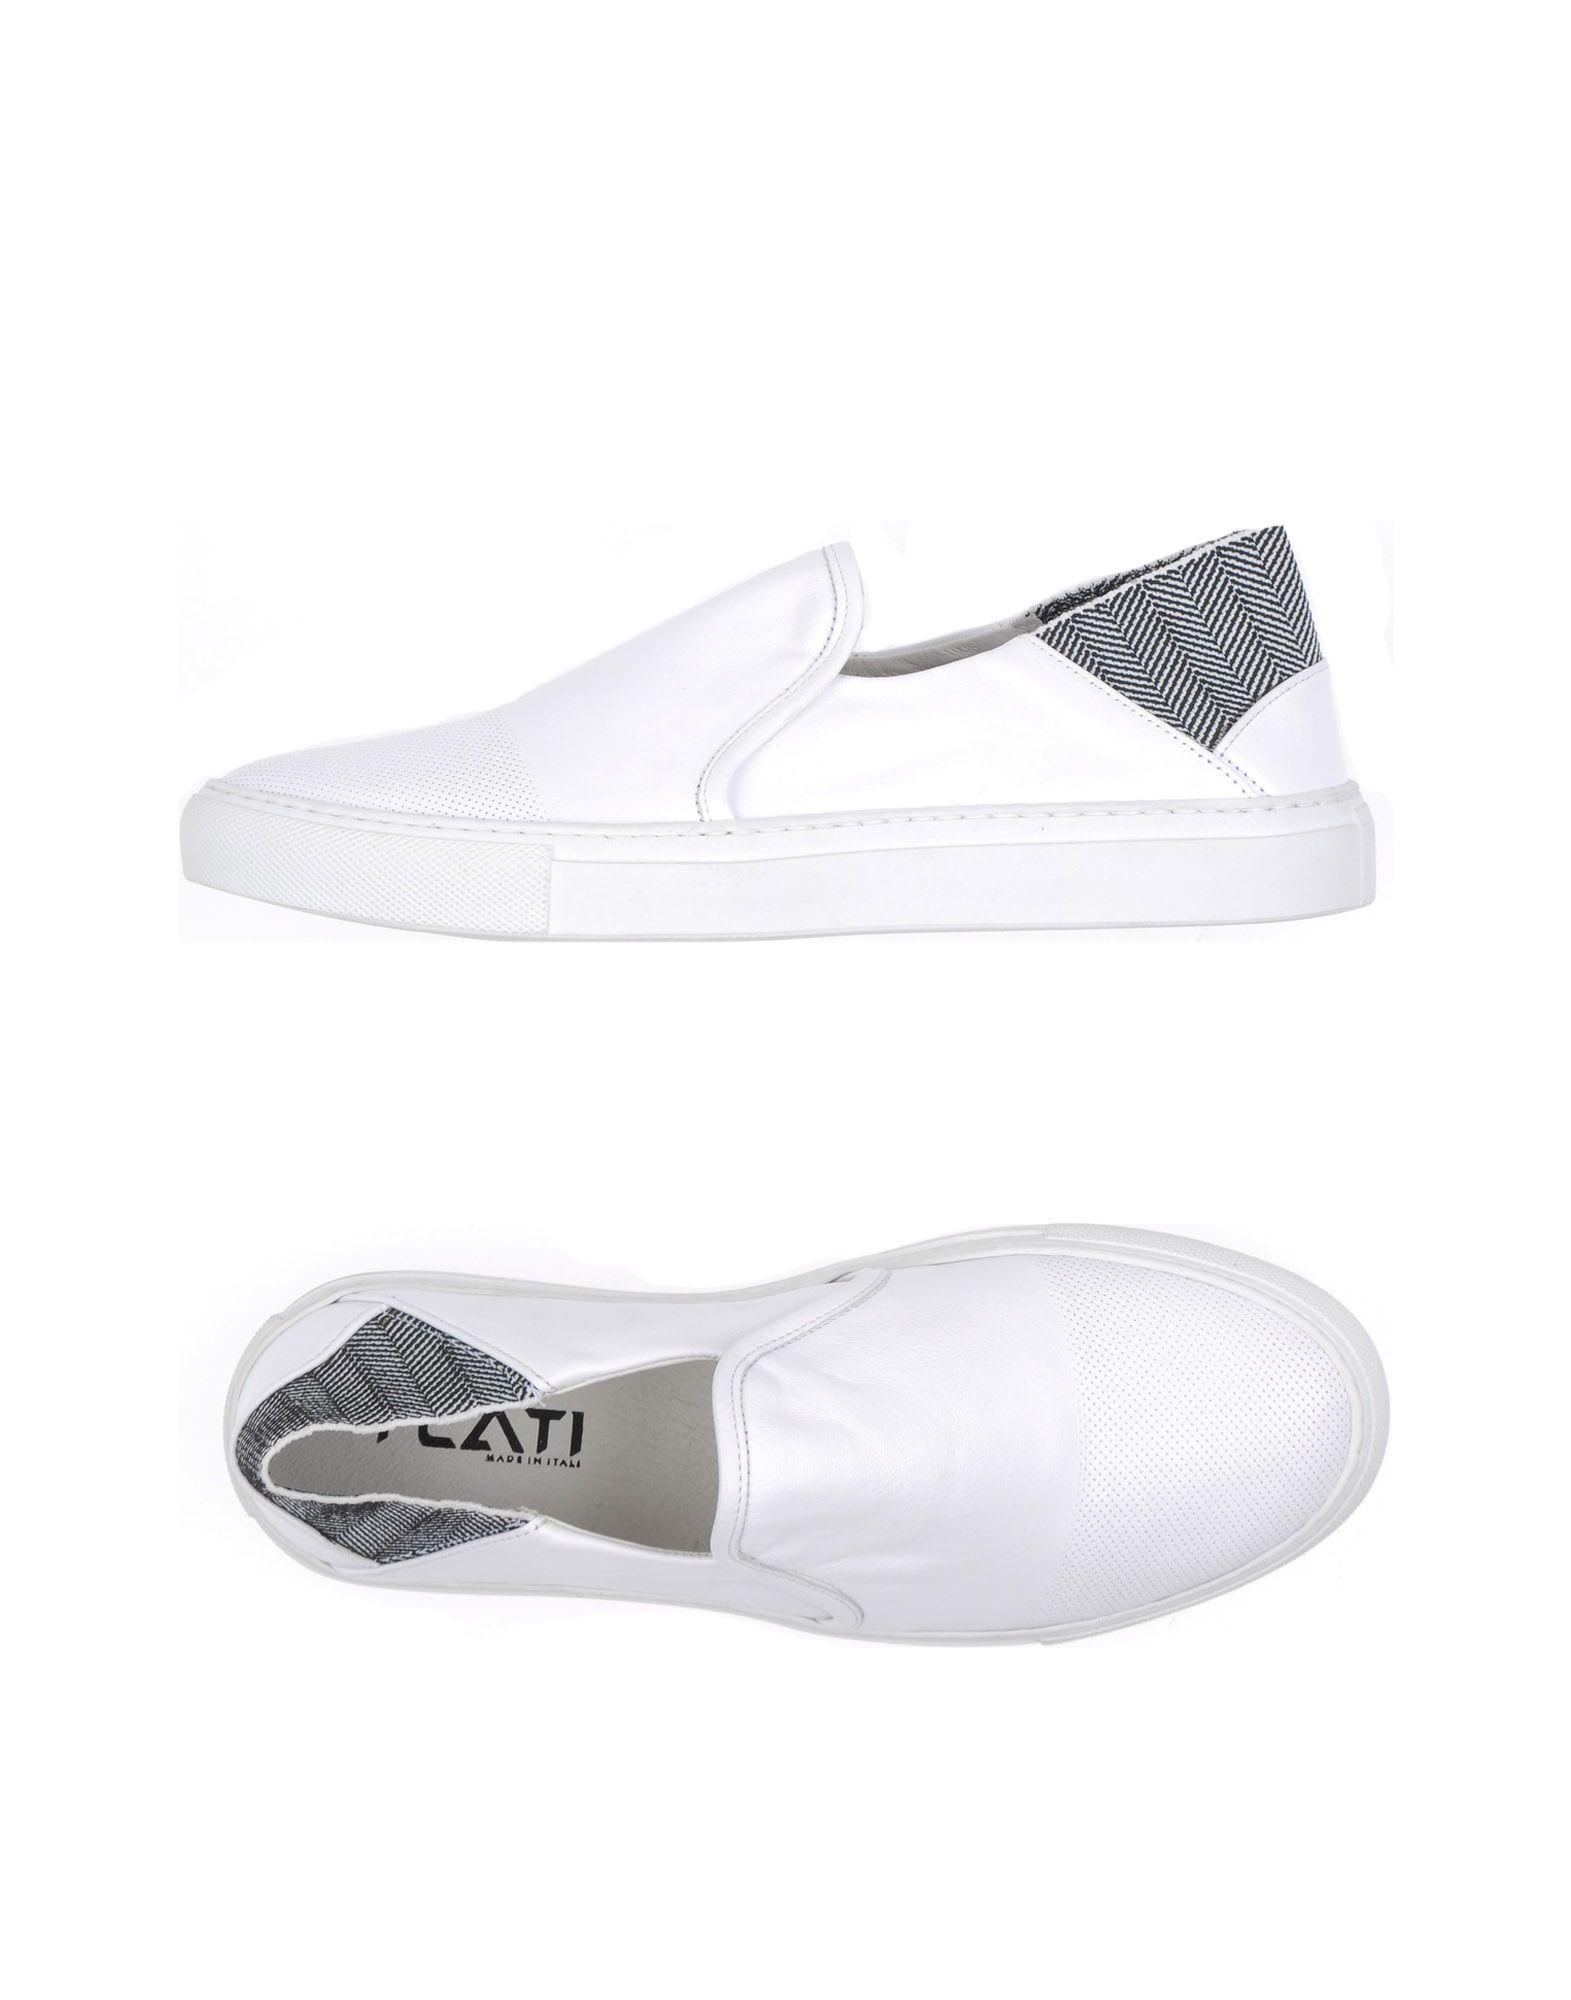 Ylati Sneakers Herren Herren Sneakers  11179887UI 451c03